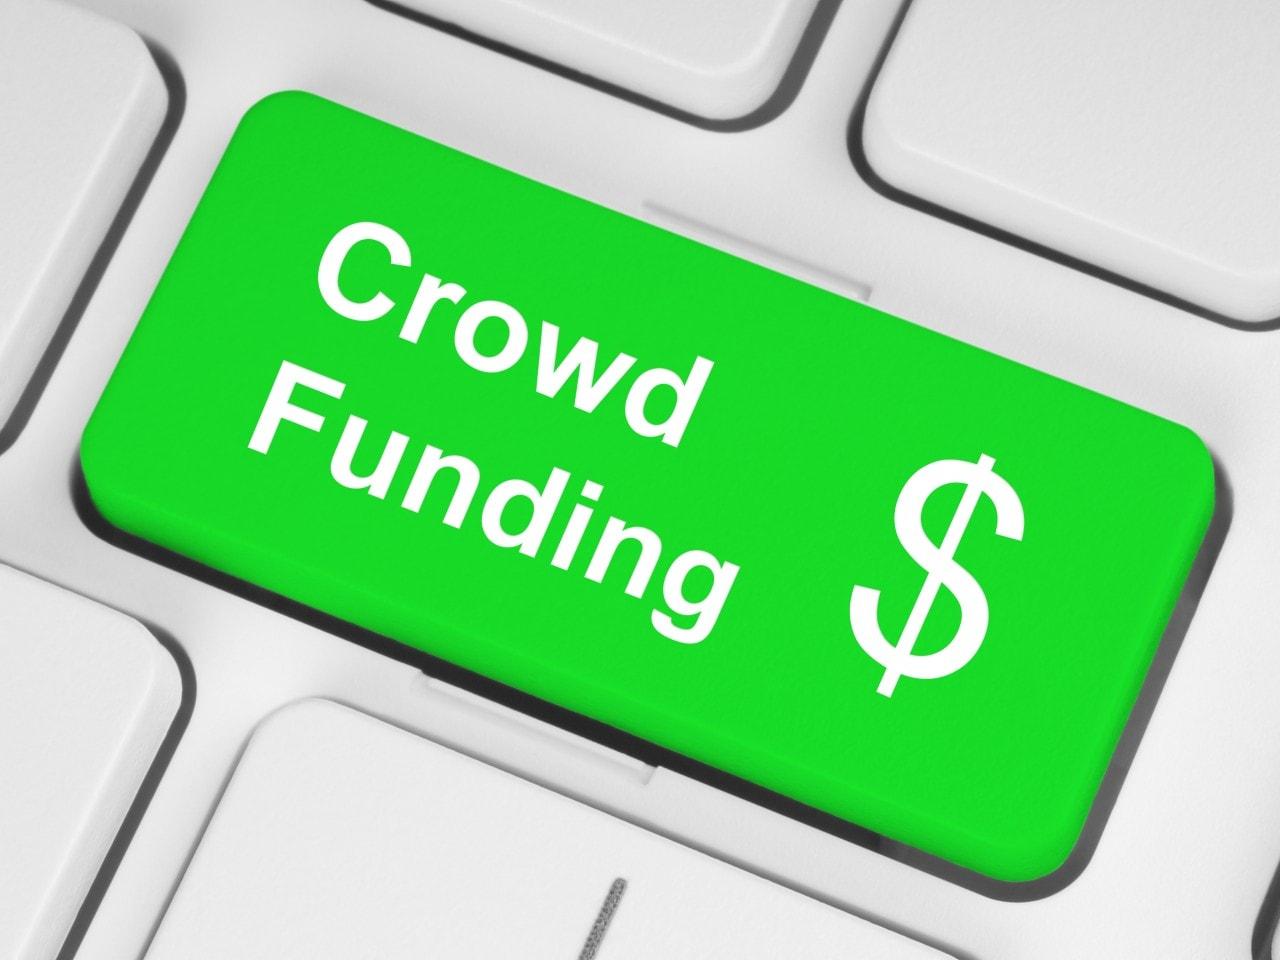 """Editoriale: la mania del """"crowdfunding"""", tra idee geniali e illusione collettiva"""